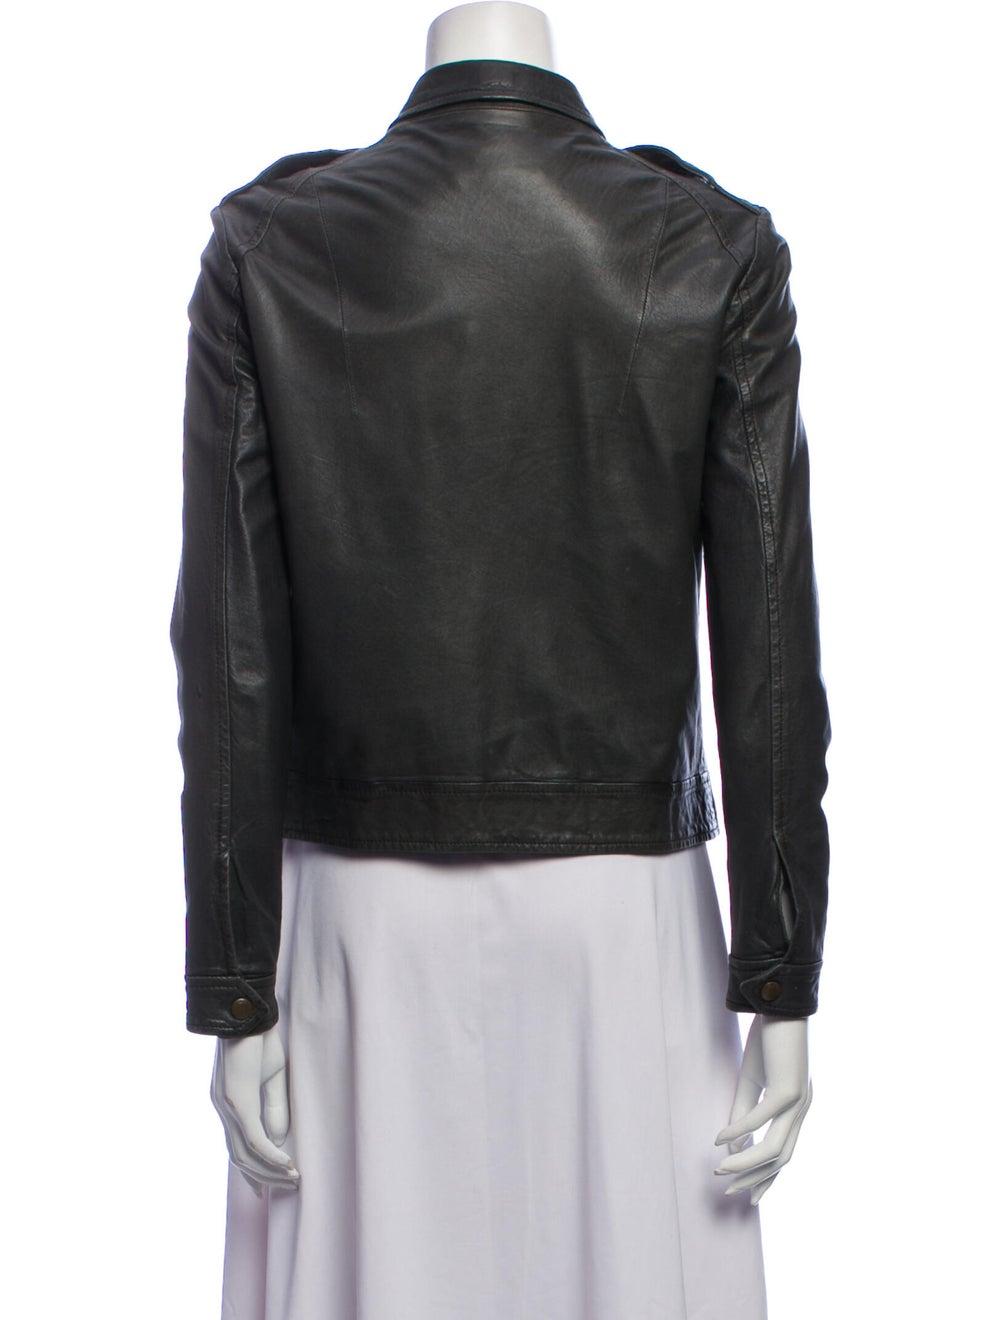 Rag & Bone Leather Jacket Green - image 3